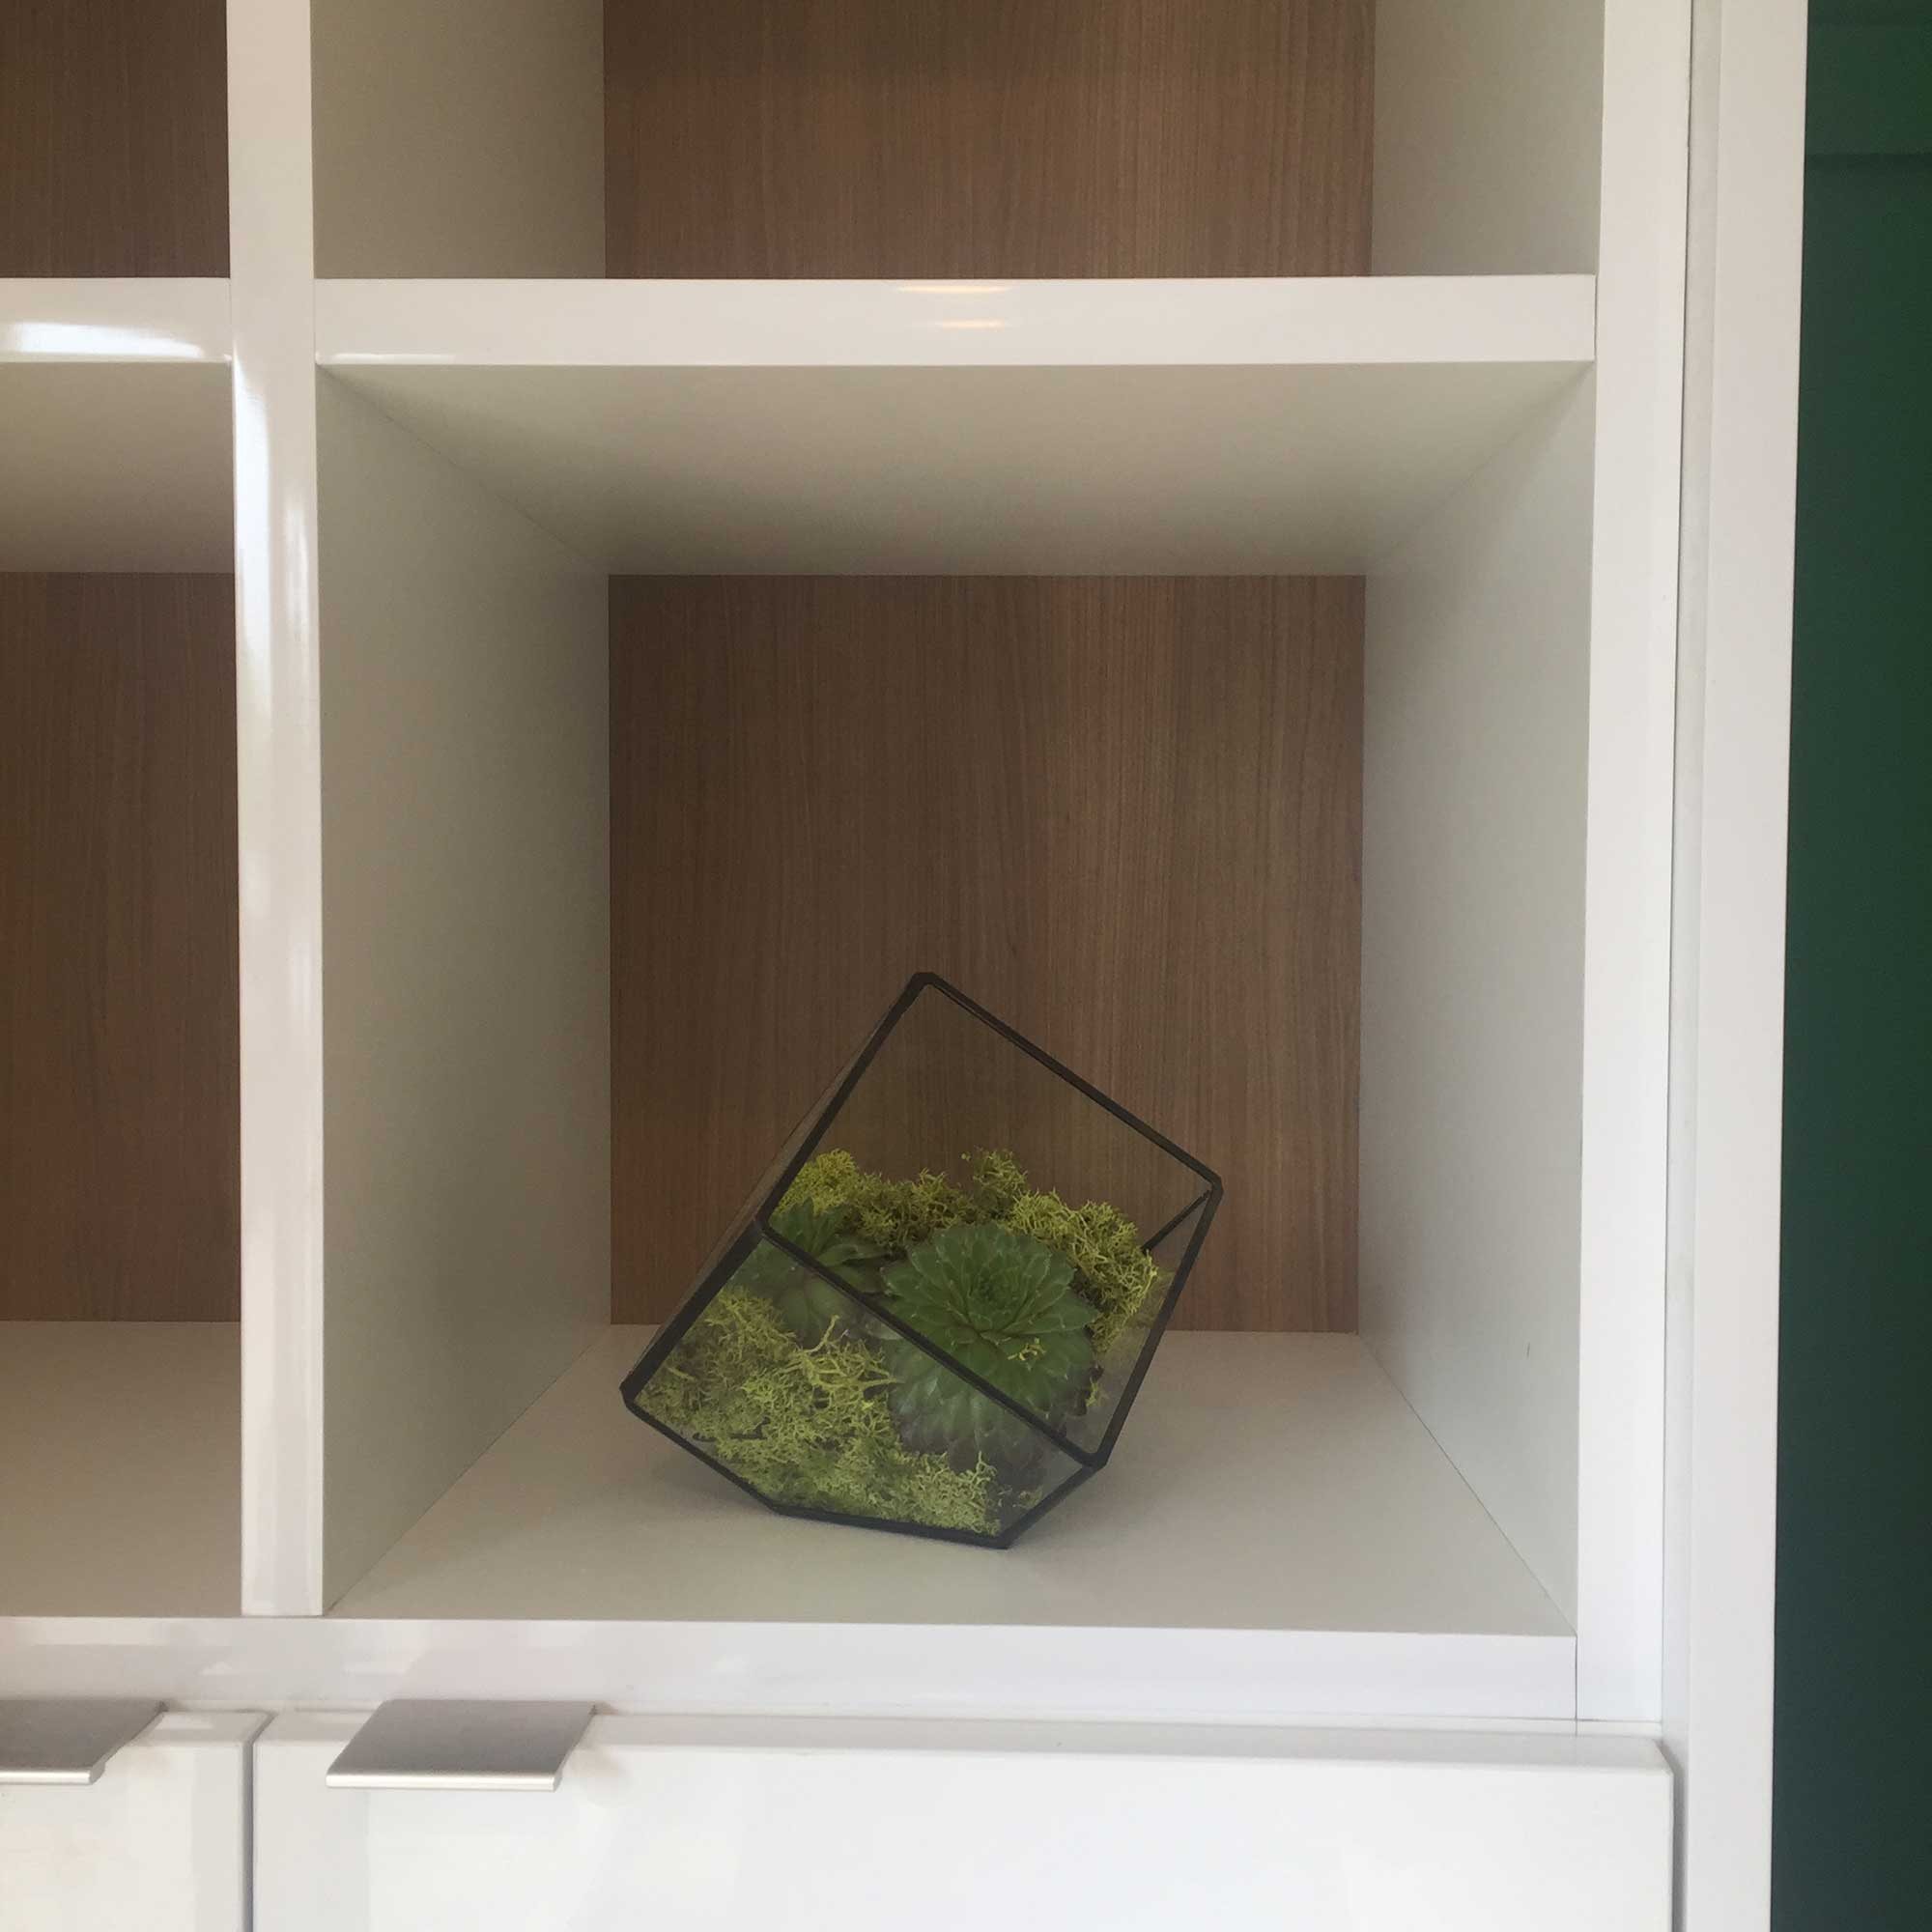 04-Shelf.jpg